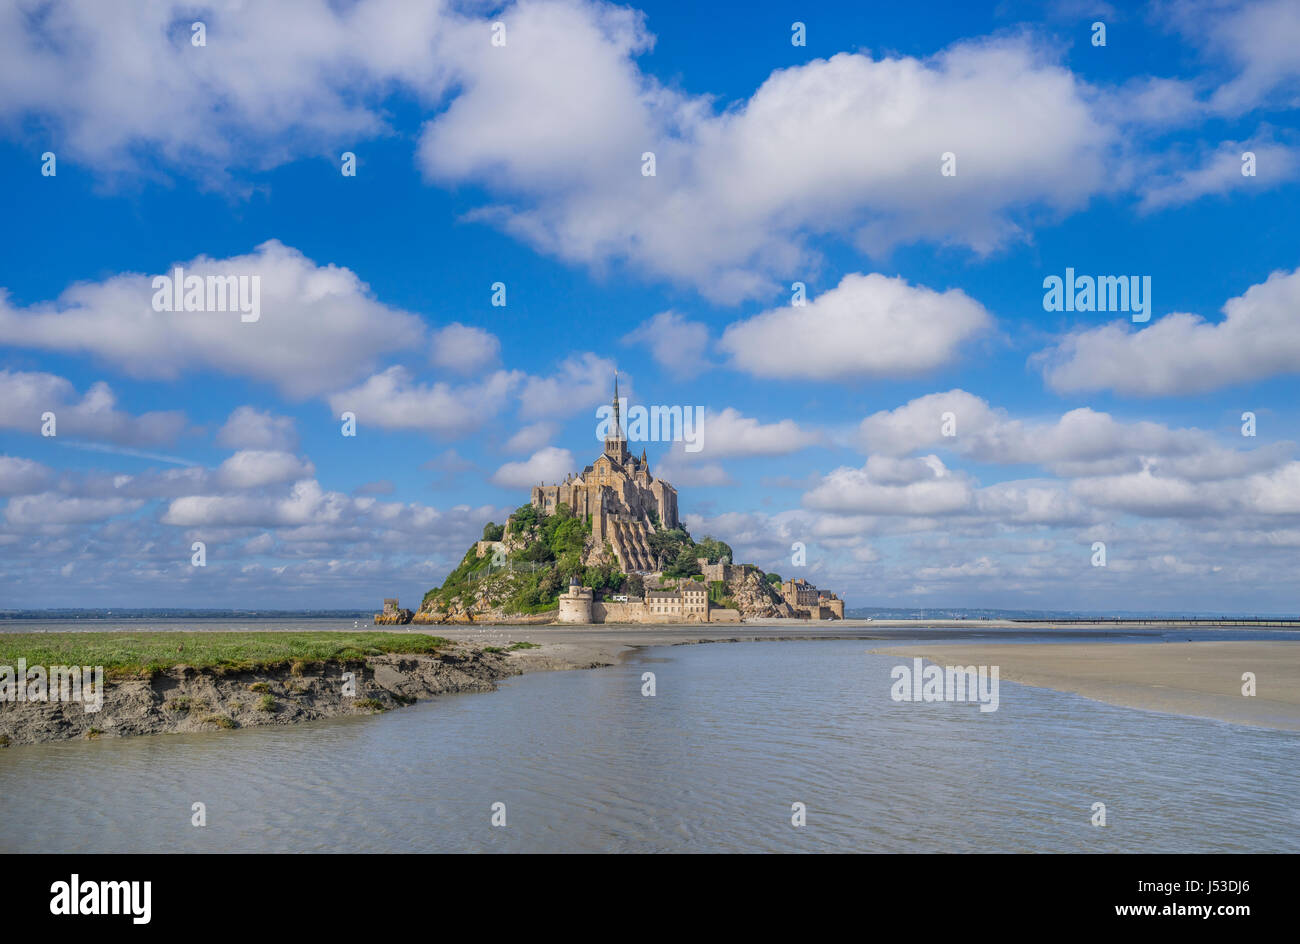 Frankreich, Normandie, Ansicht des Mont Saint-Michel in der Mündung des Flusses Couesnon Stockfoto